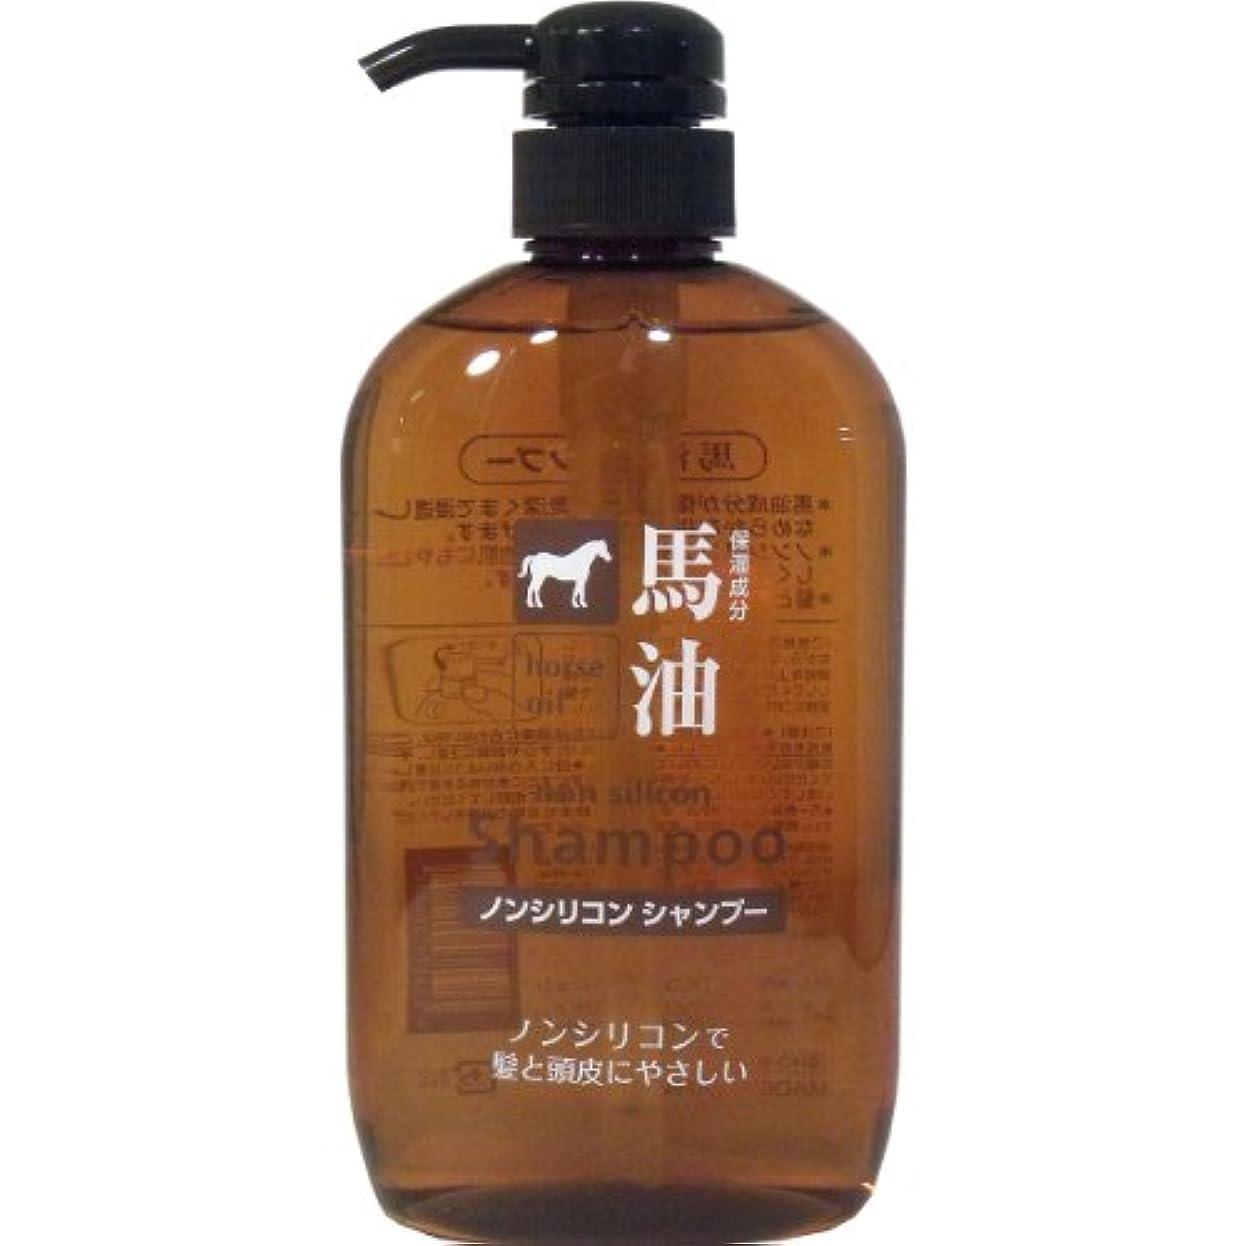 【まとめ買い】馬油(保湿成分)配合 ノンシリコンシャンプー×10個